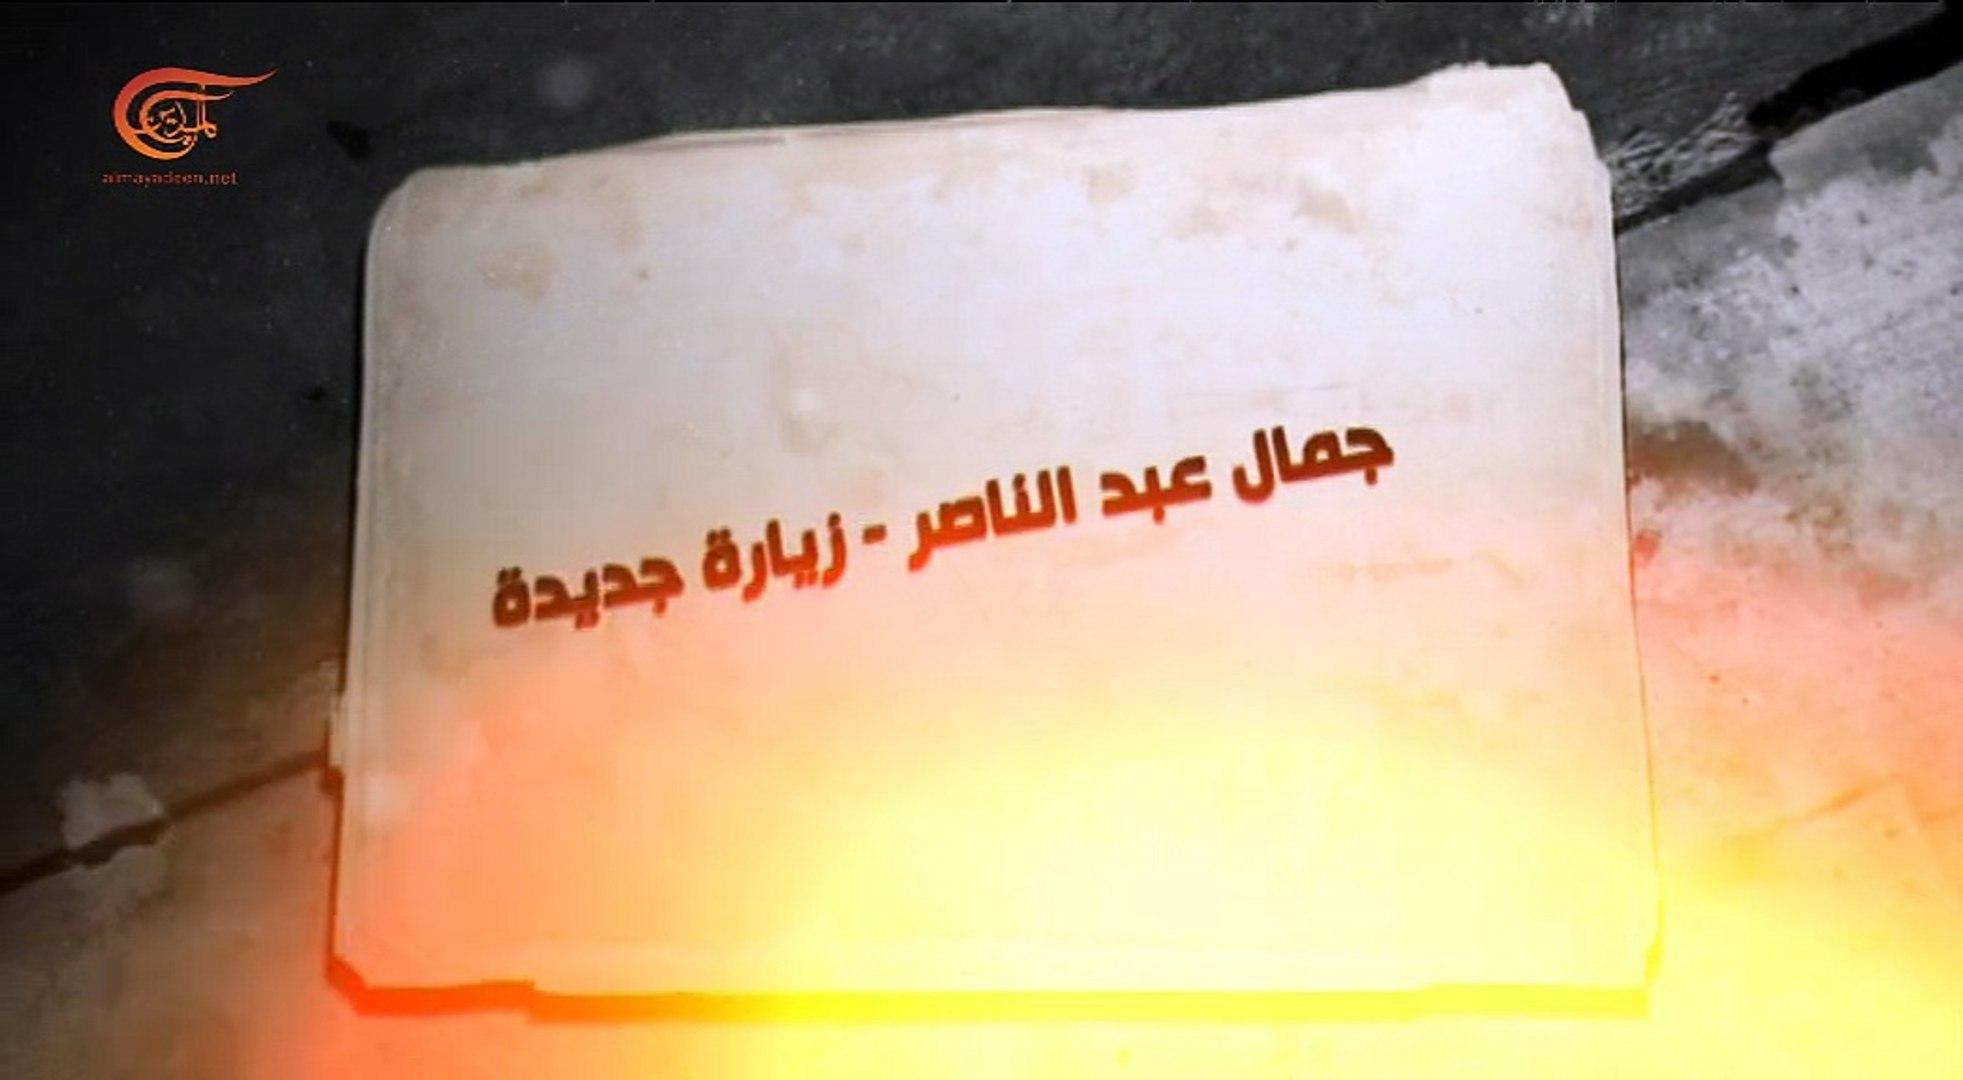 وثائقي الميادين | جمال عبد الناصر - زيارة جديدة، الجزء الرابع